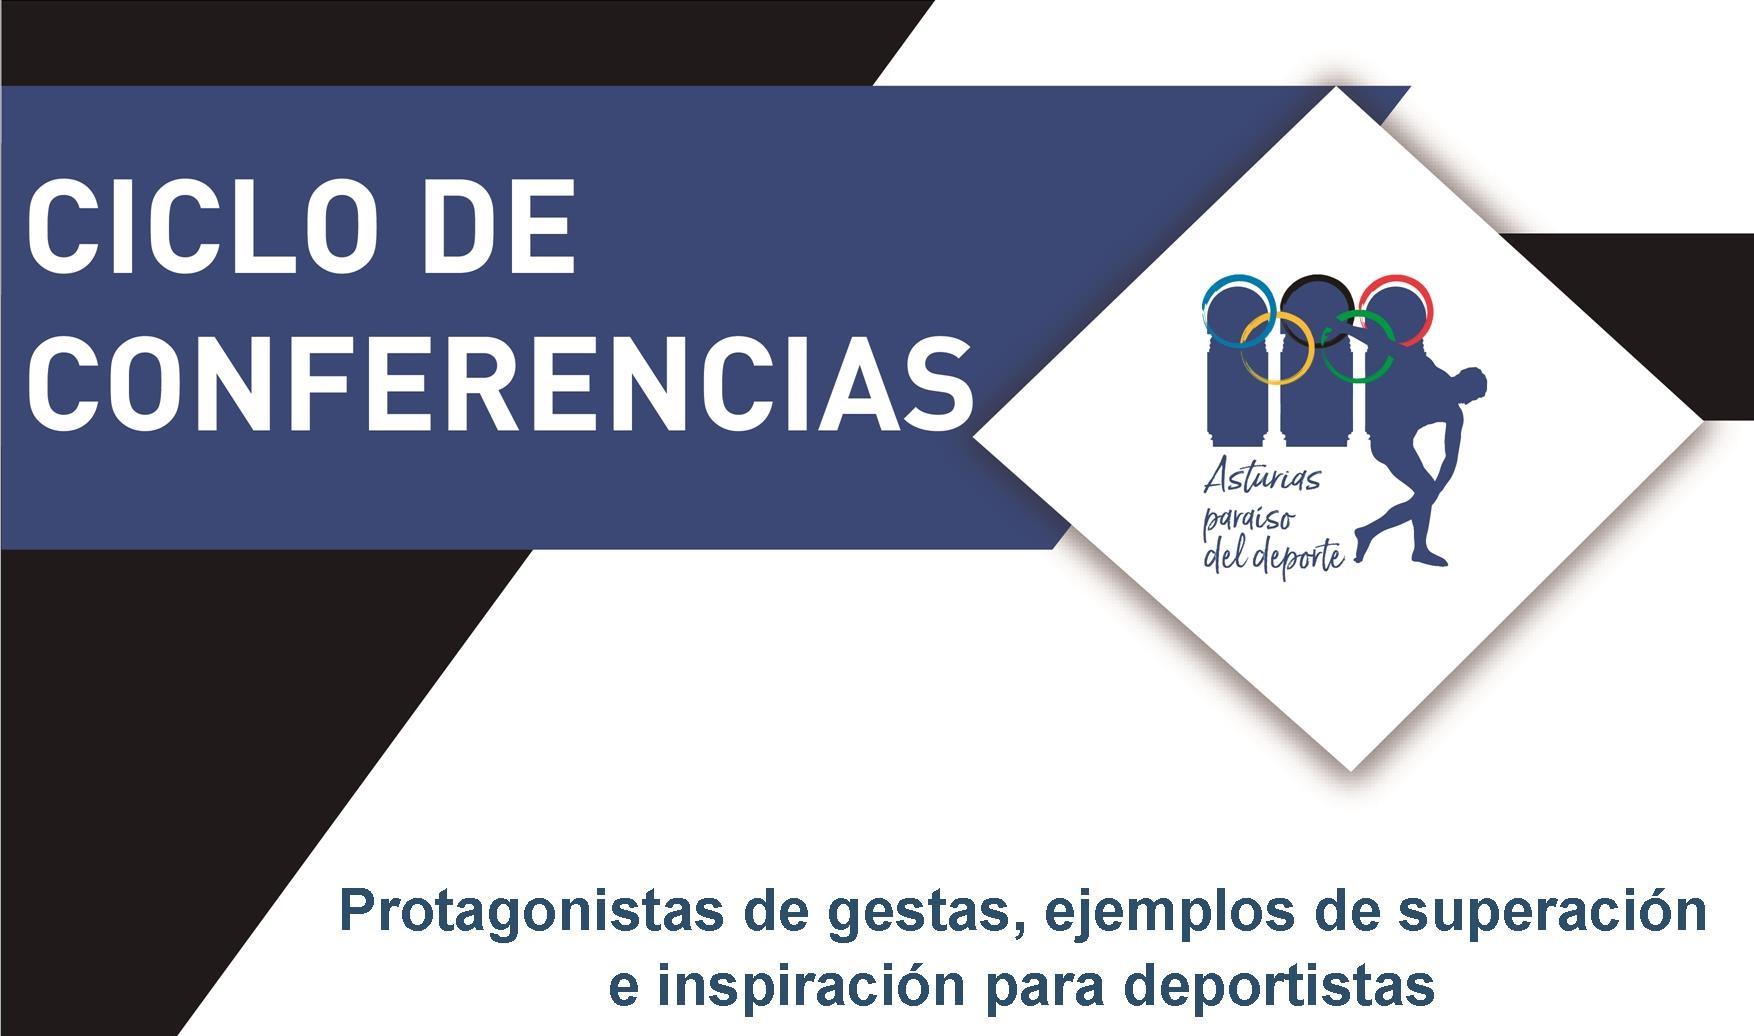 deporte-asturiano-noticias-ciclo-de-conferencias